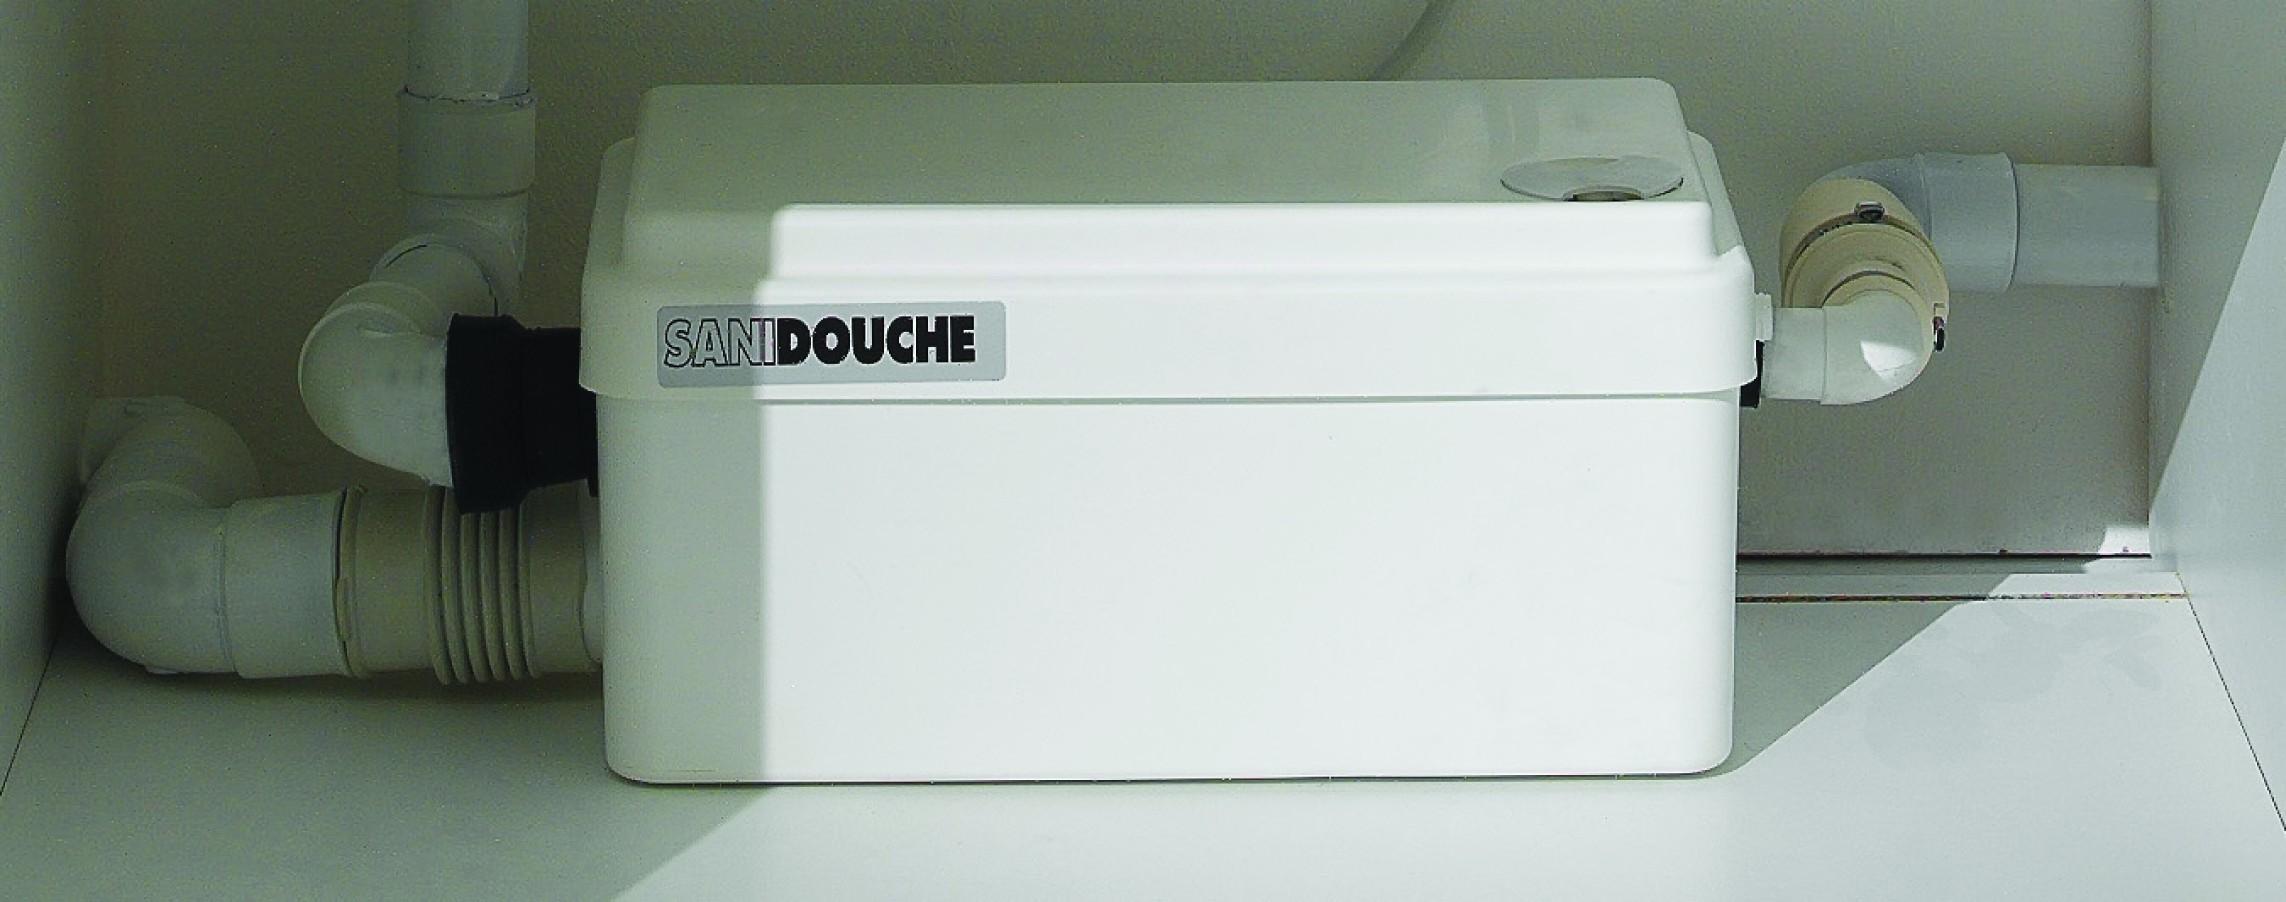 Sfa sanibroyeur sanidouche une pompe de qualit lavabo - Pompe de relevage douche ...